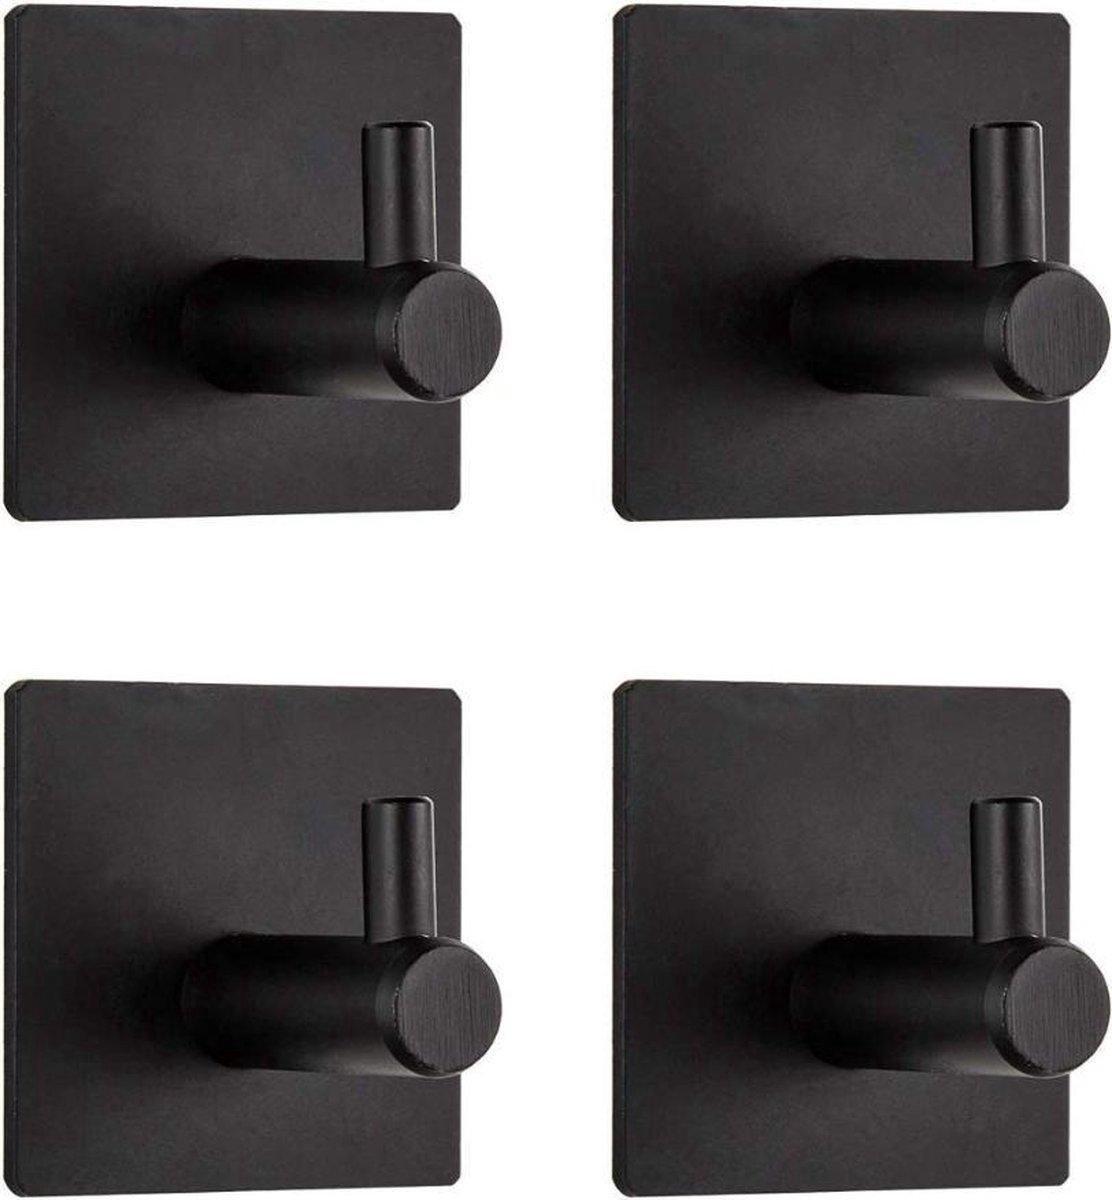 Handdoekhaak Set Zonder Boren RVS Zwart Vierkant Zelfklevend Badjas Theedoek Hanger Keuken Badkamer